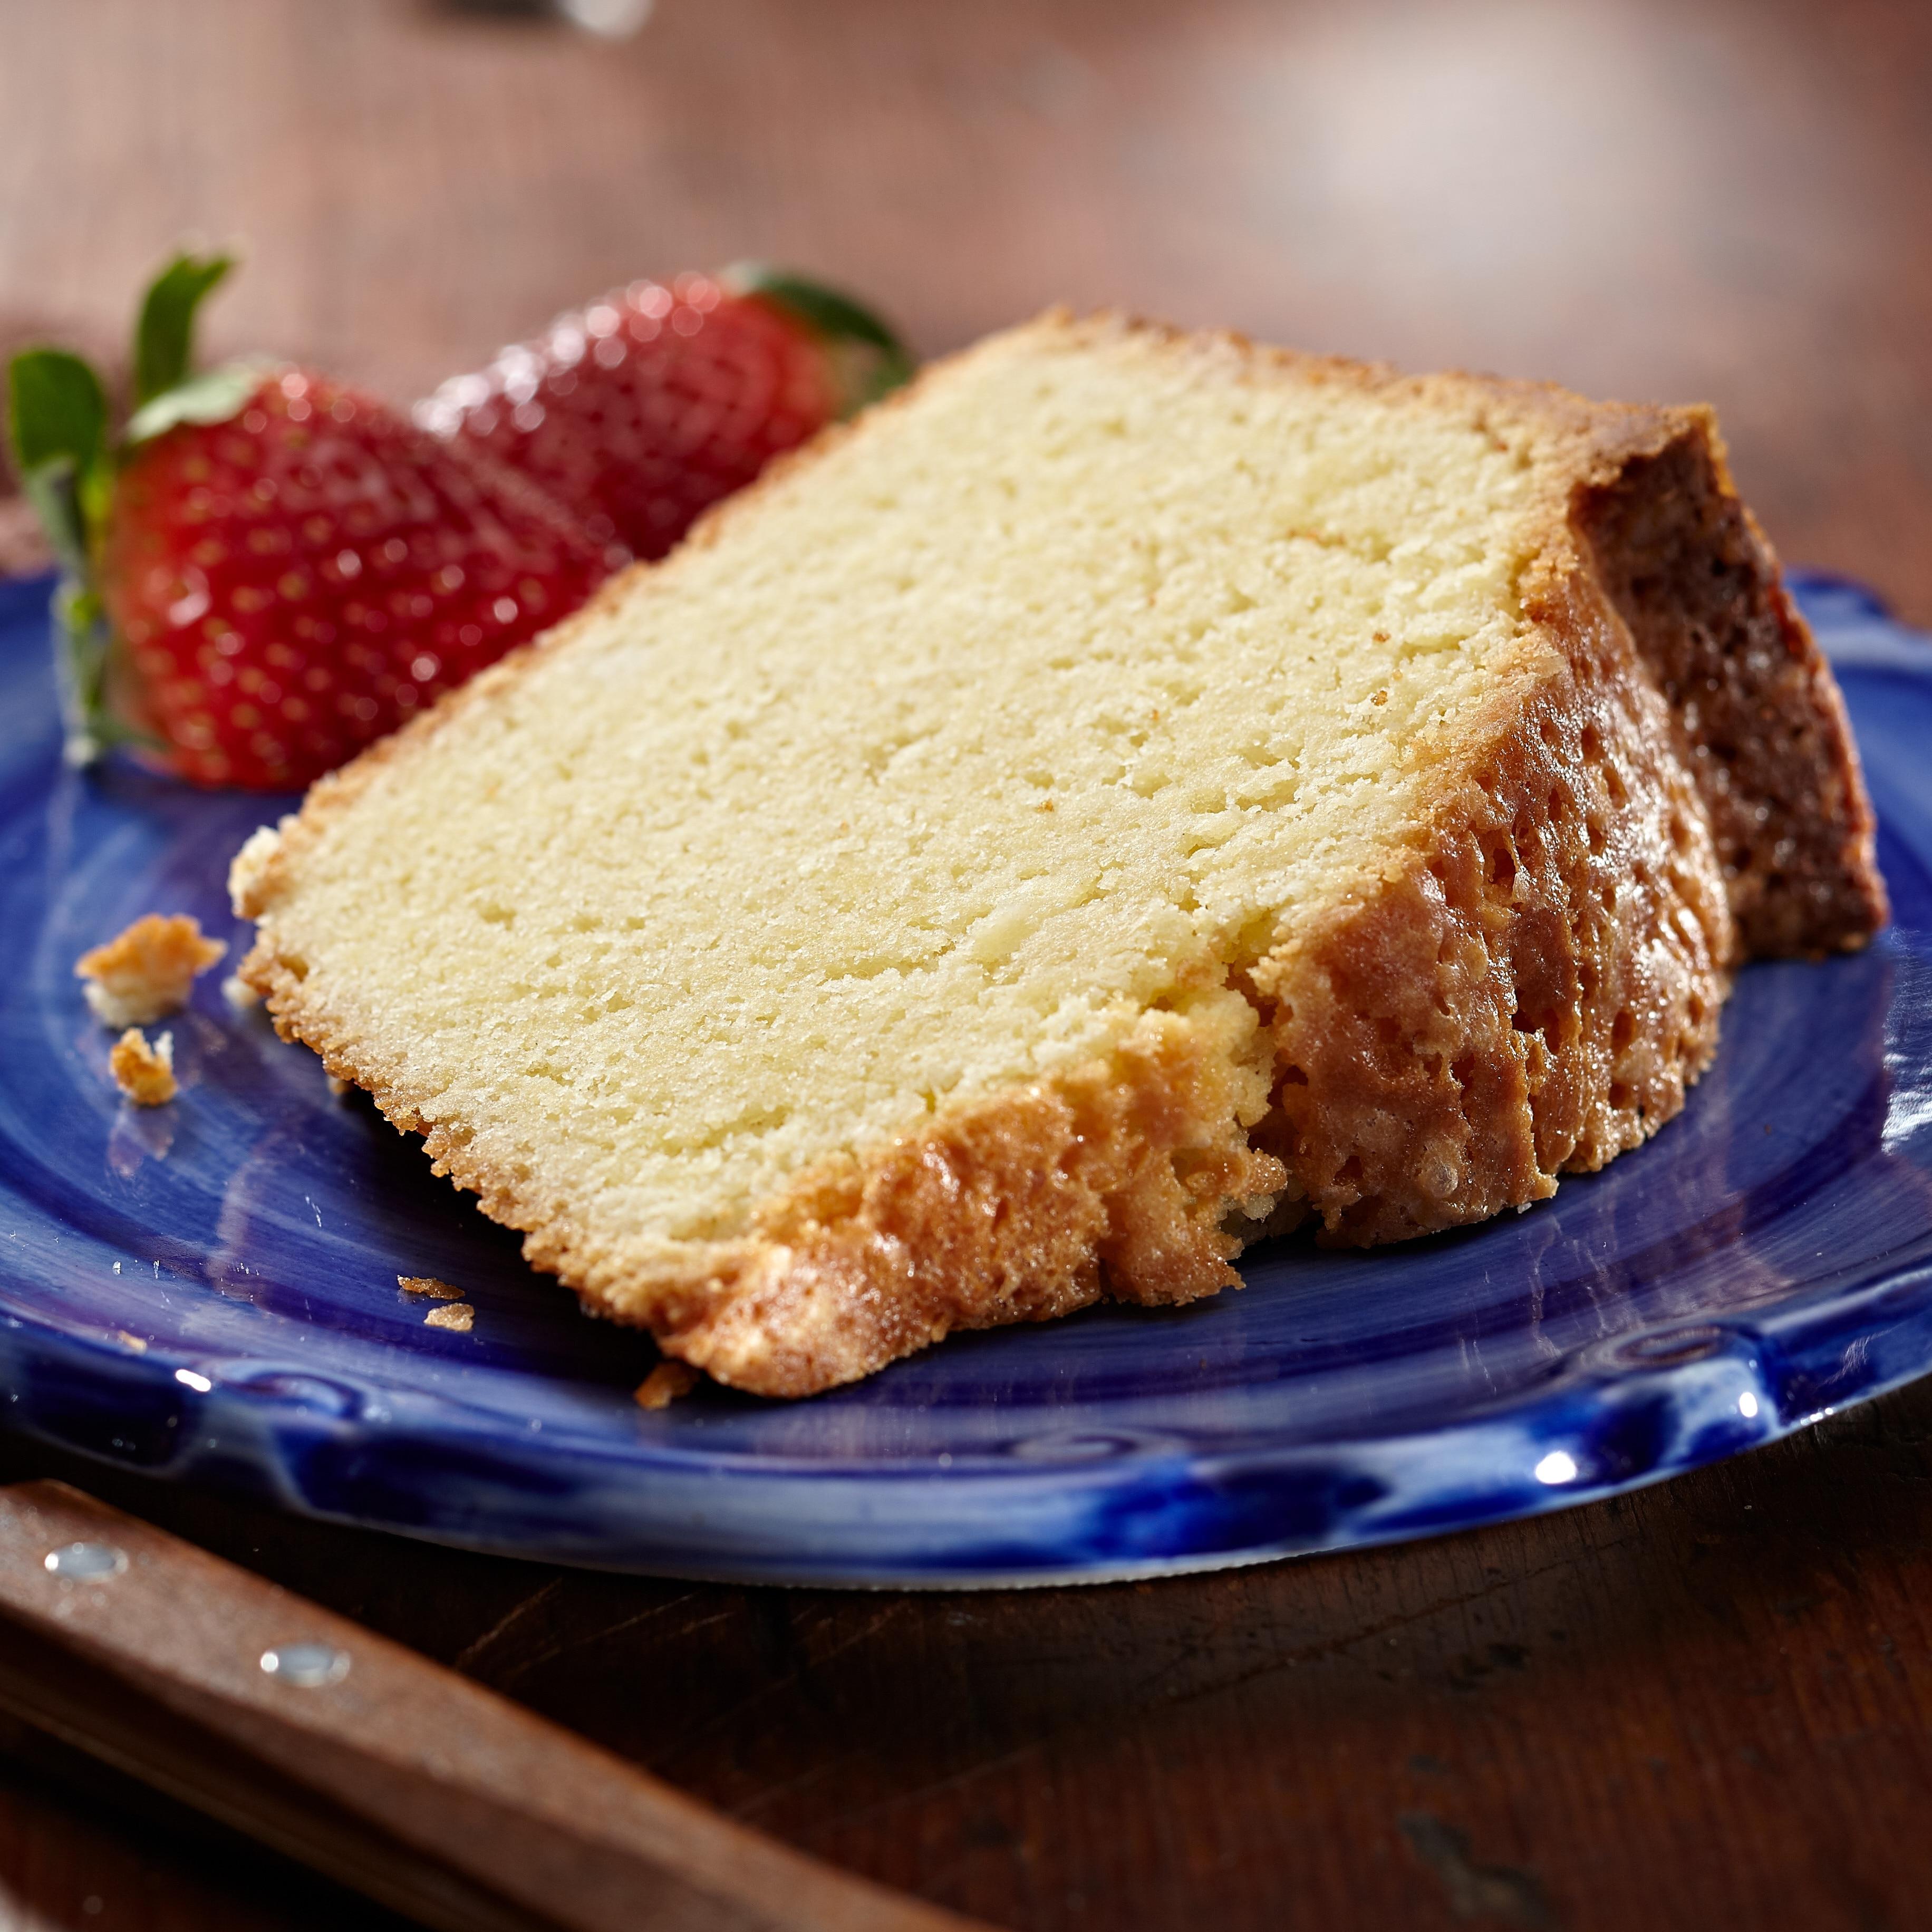 Italian Almond Pound Cake